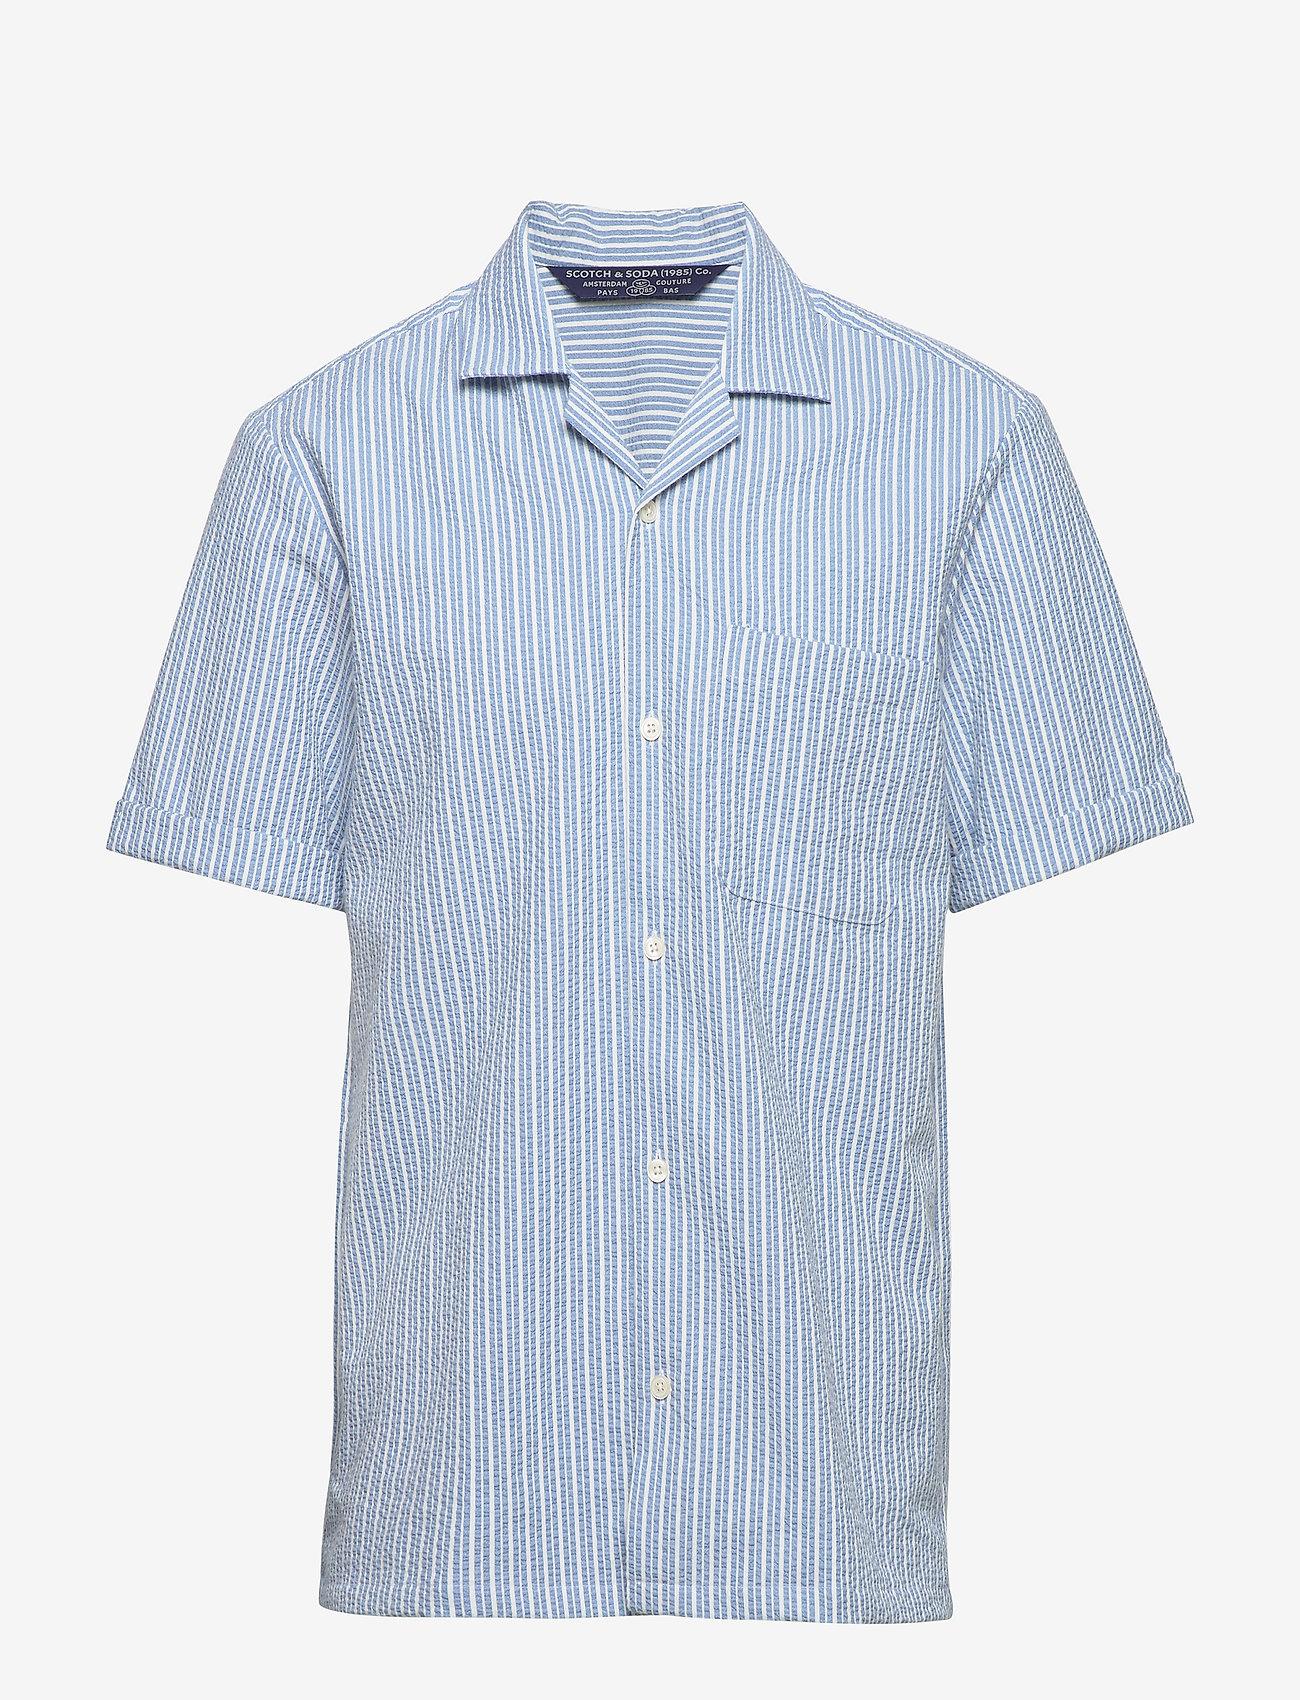 Scotch & Soda - HAWAII FIT- Shortsleeve seersucker shirt - basic skjorter - combo a - 0